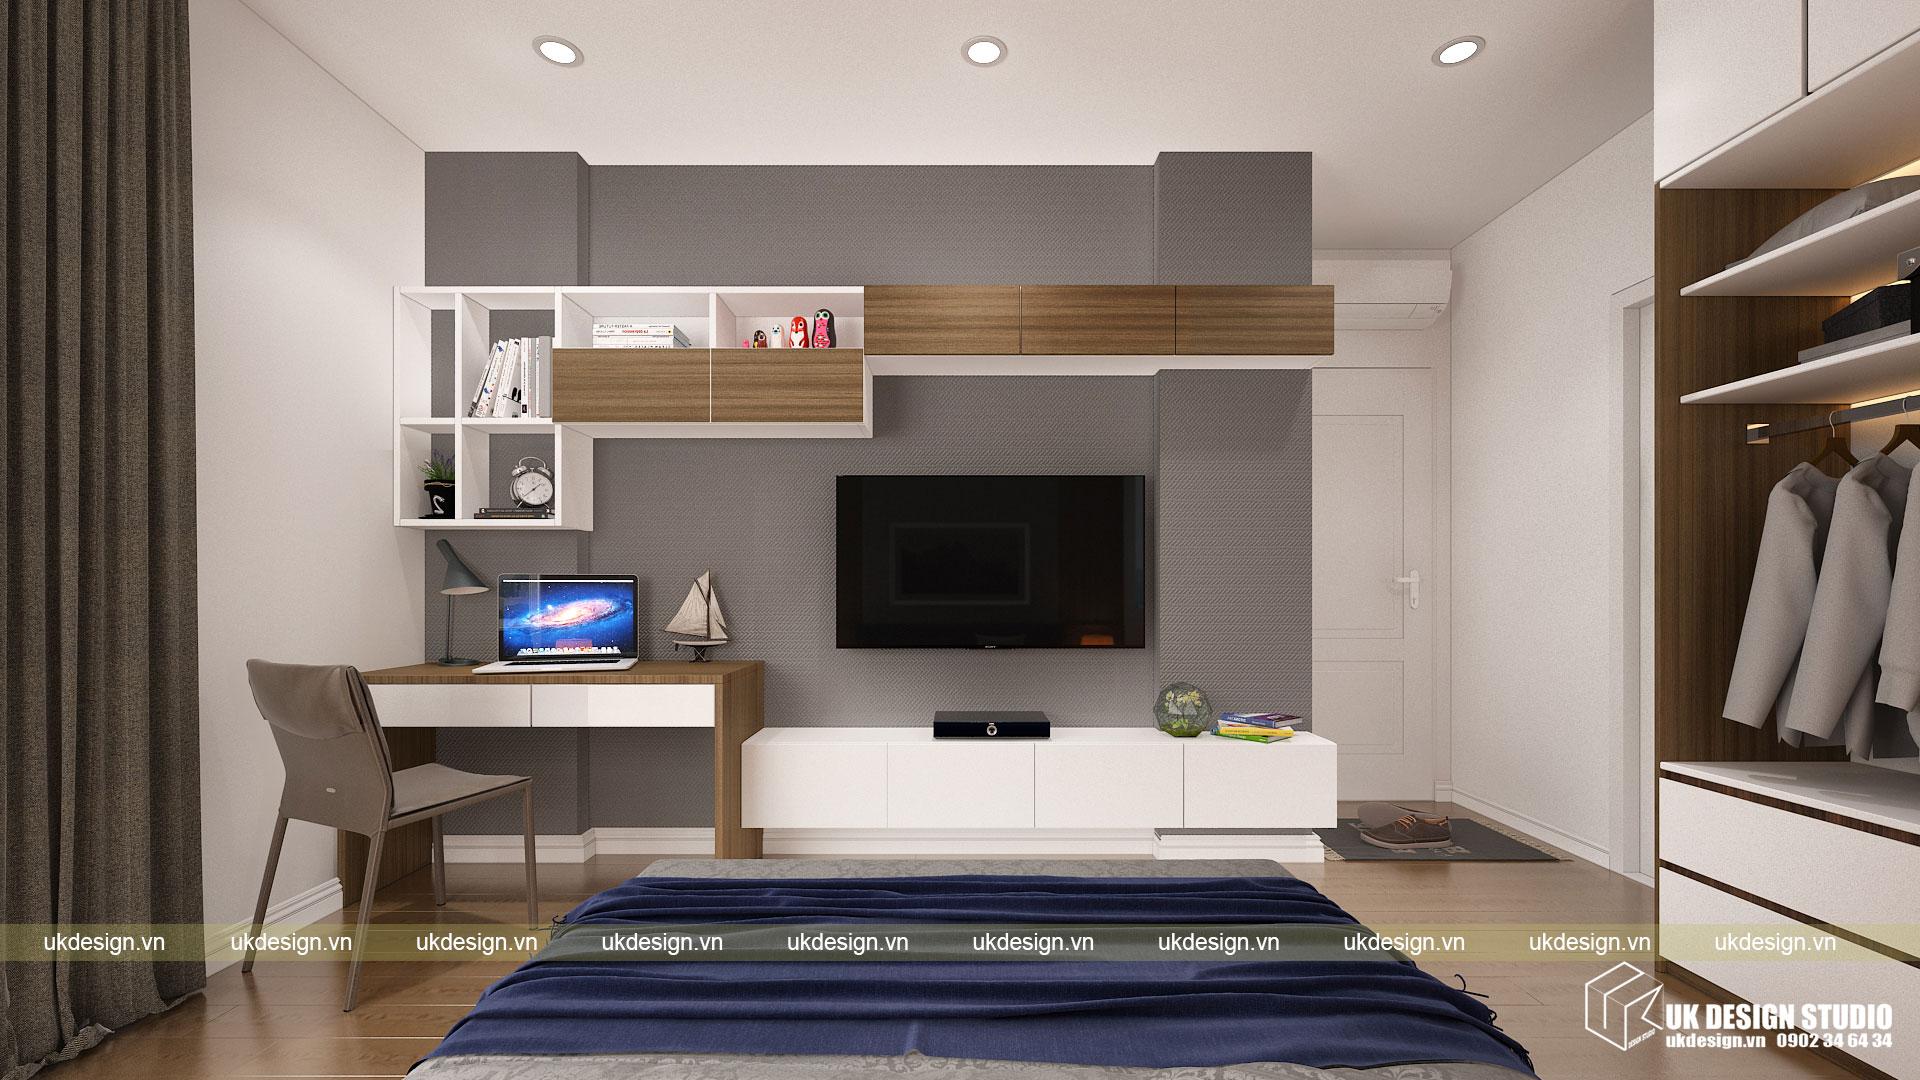 Thiết kế nội thất căn hộ 60m2 Hưng Lộc Phát 9